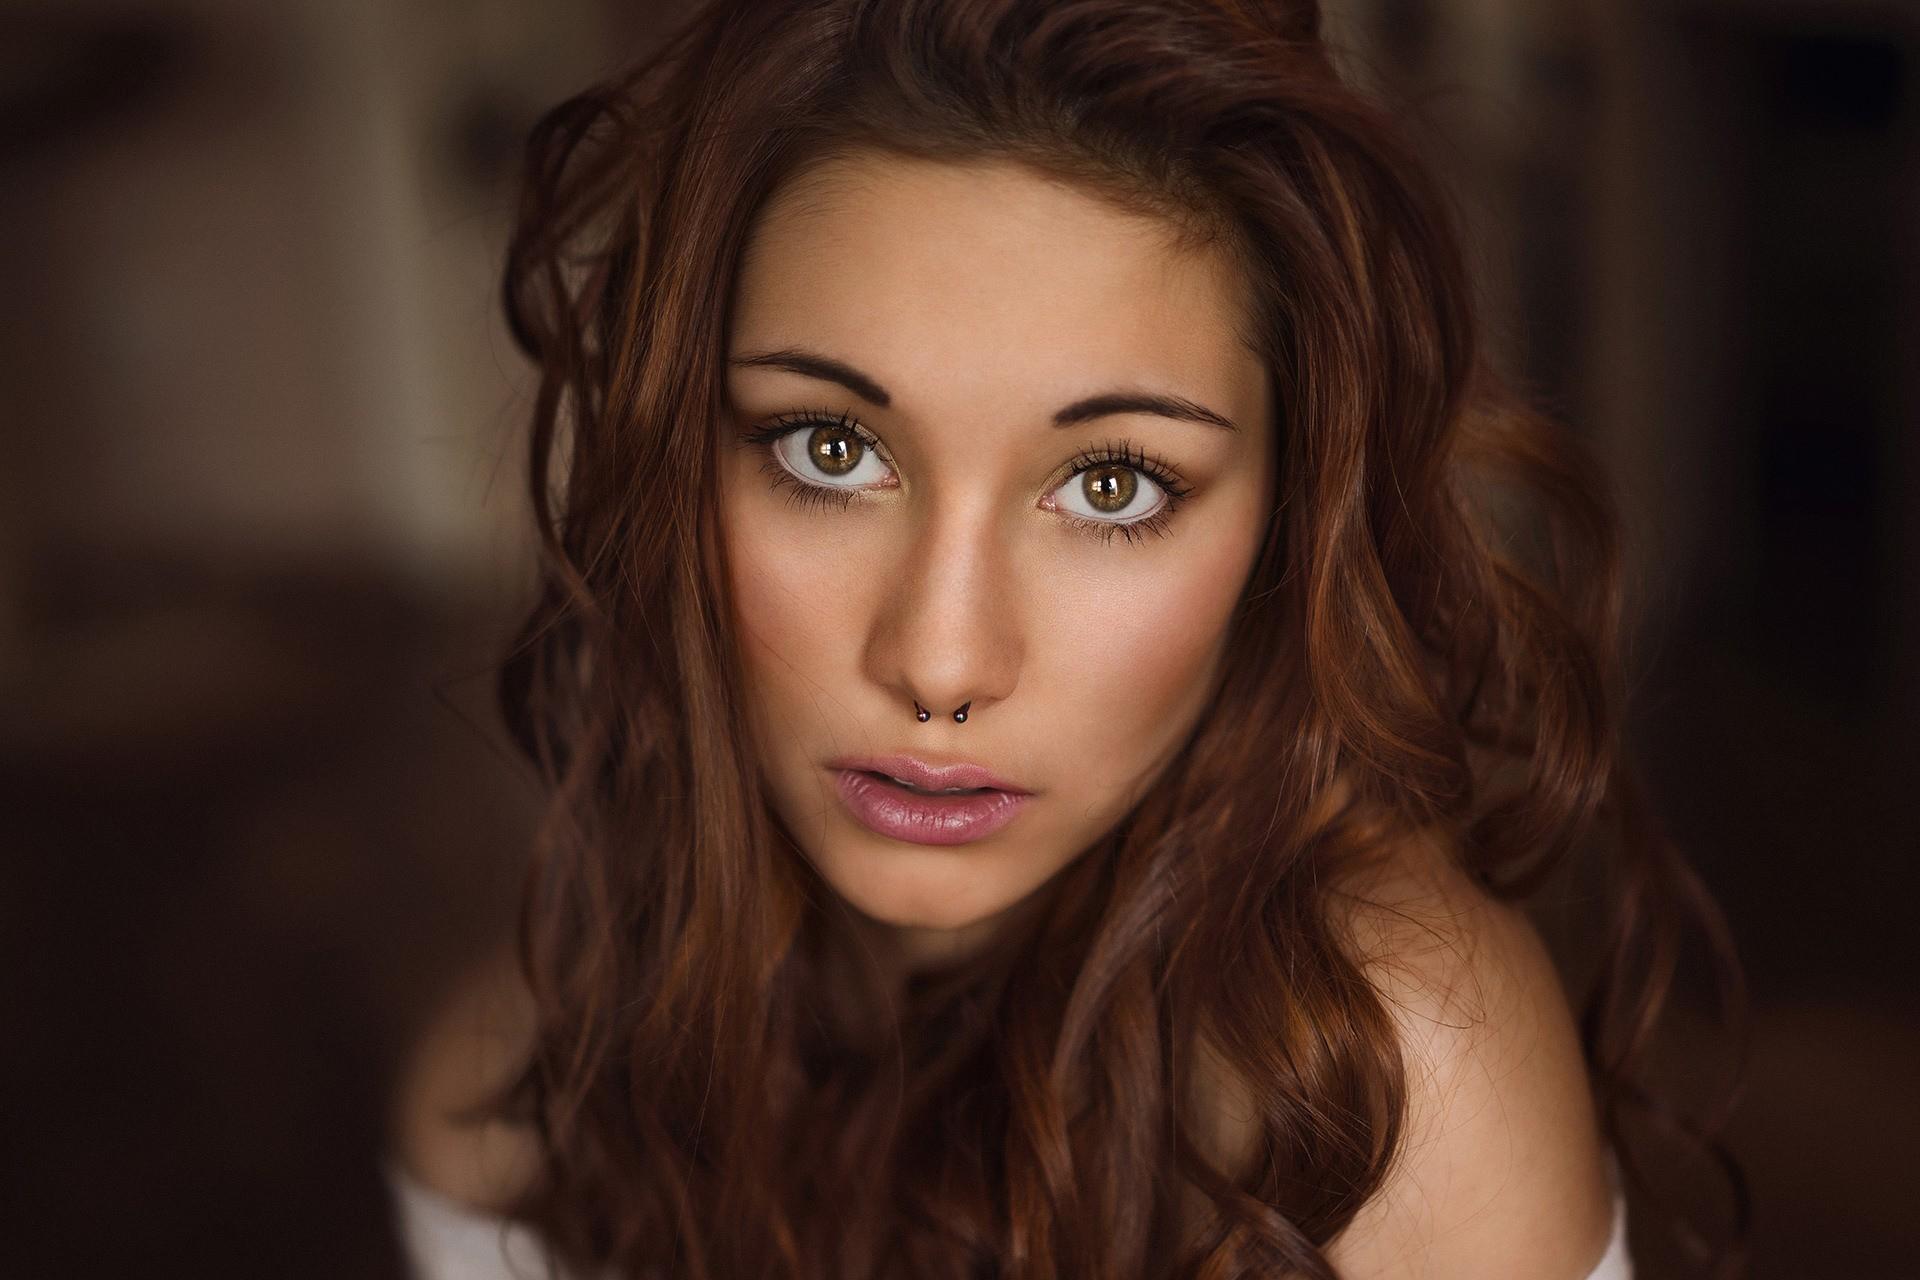 Victoria Ryzhevolosaya